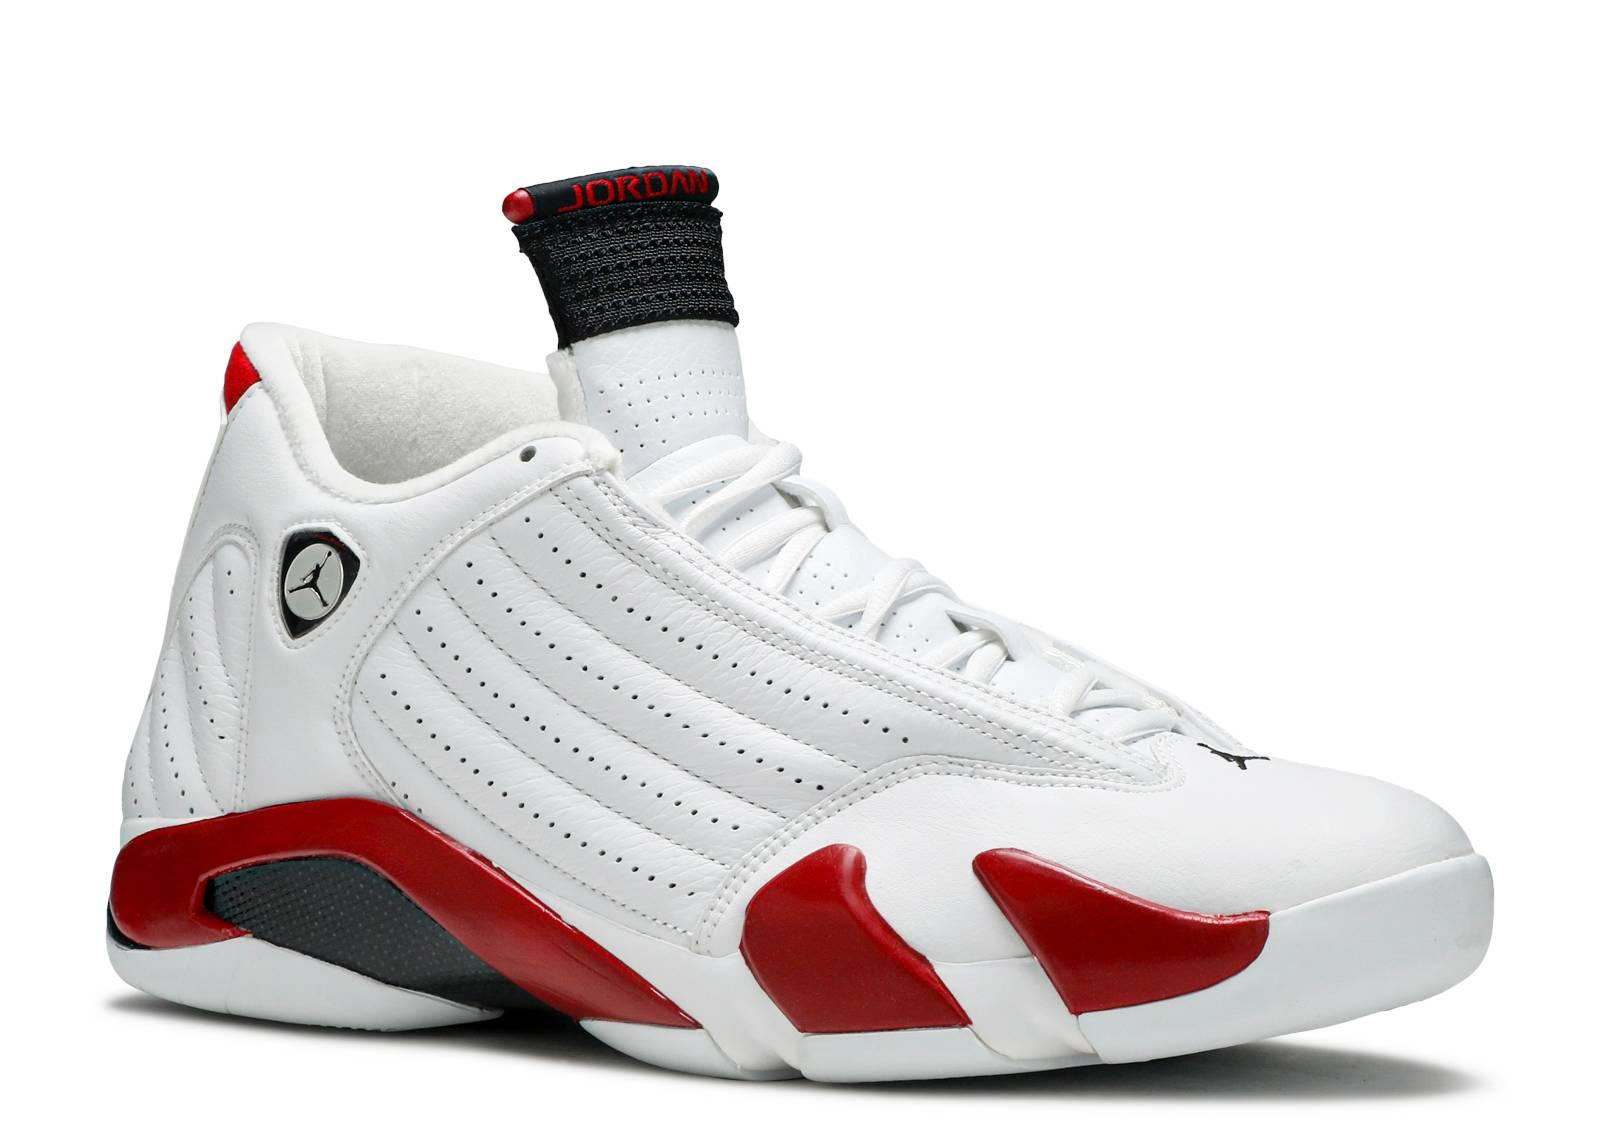 Jordan 14 Red